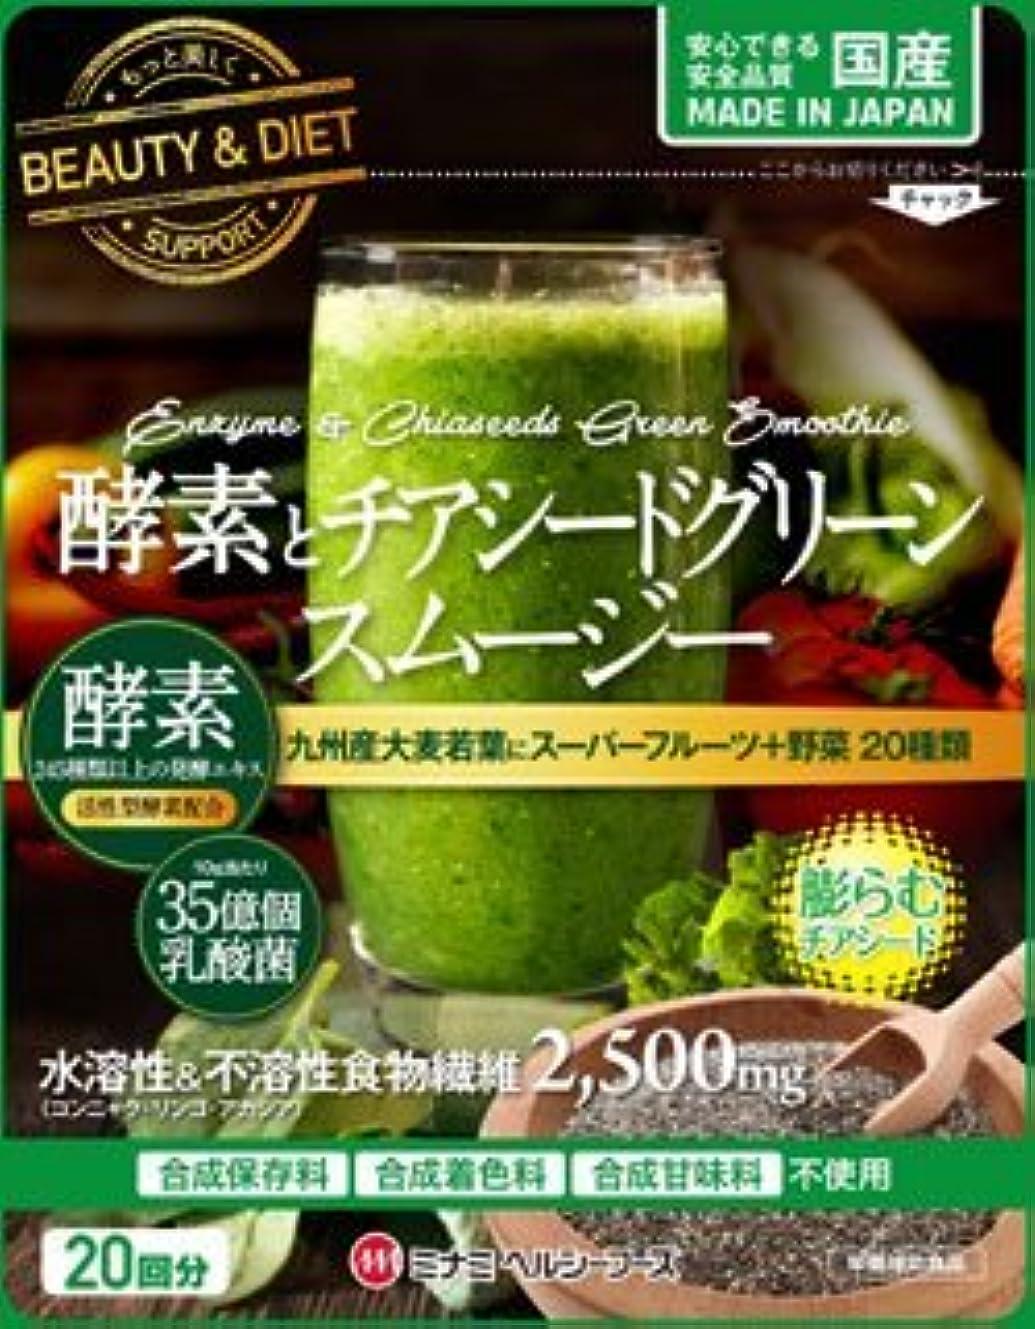 コスチューム混乱した夕食を食べる酵素とチアシードグリーンスム-ジー200g ×3